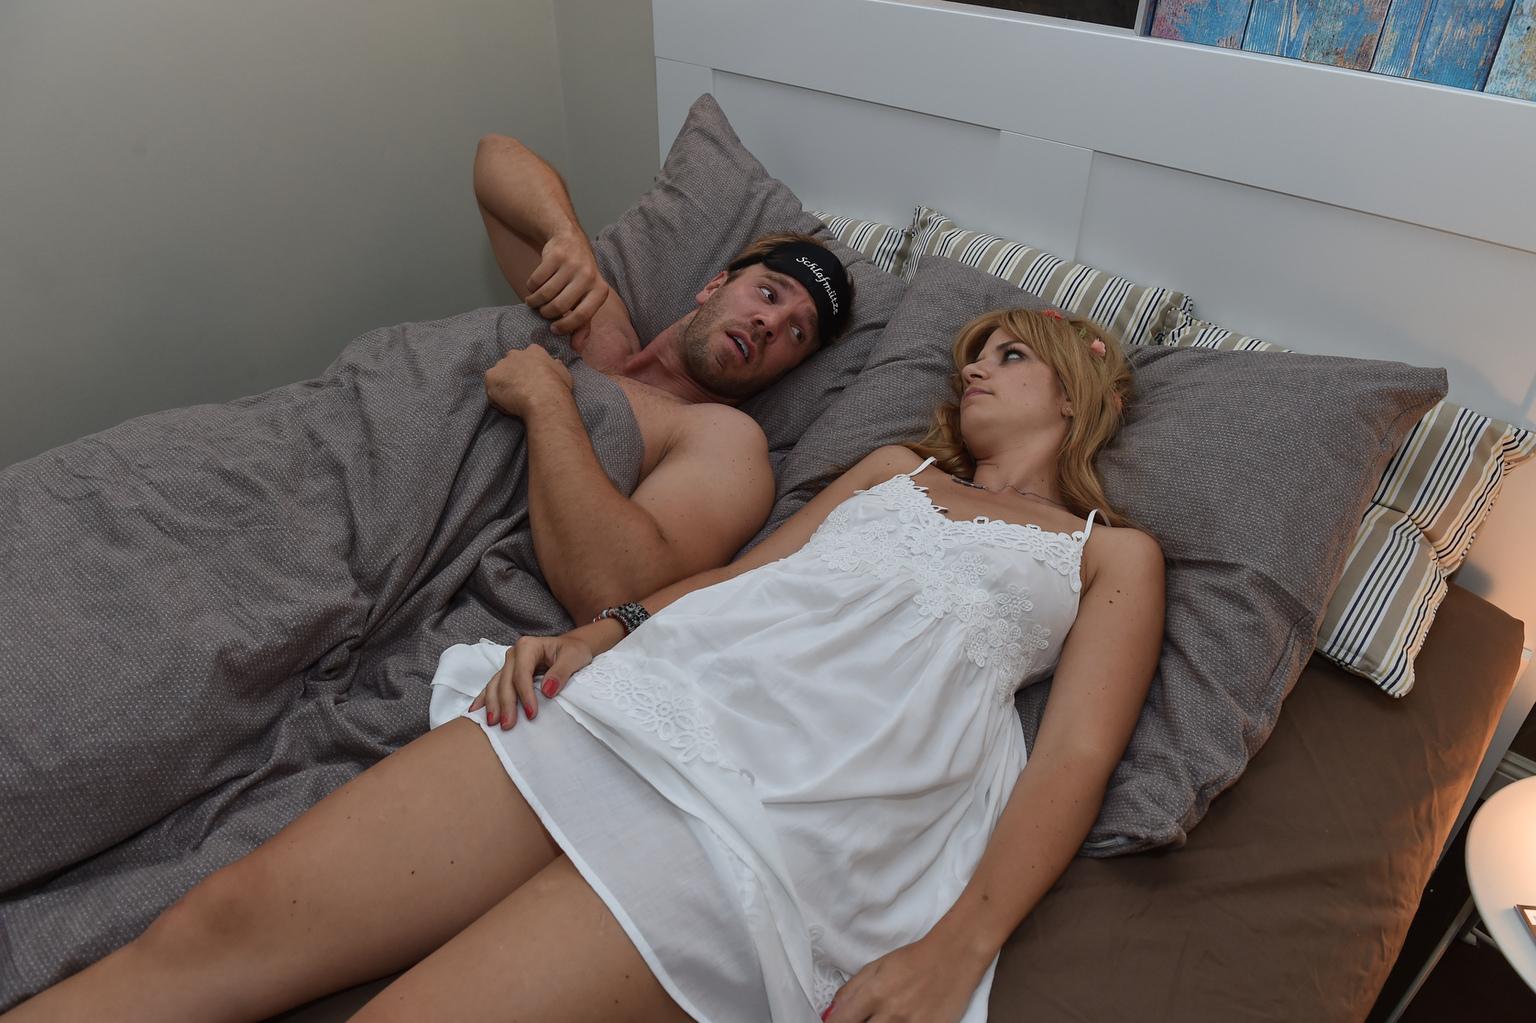 Mila (Susan Sideropoulos, l.) muss sich eingestehen, dass ihr Casual-Sex Date Ralph (Dominic Boeer, r.) keine erotische Stimmung aufkommen lässt ... (Quelle: Sat 1)